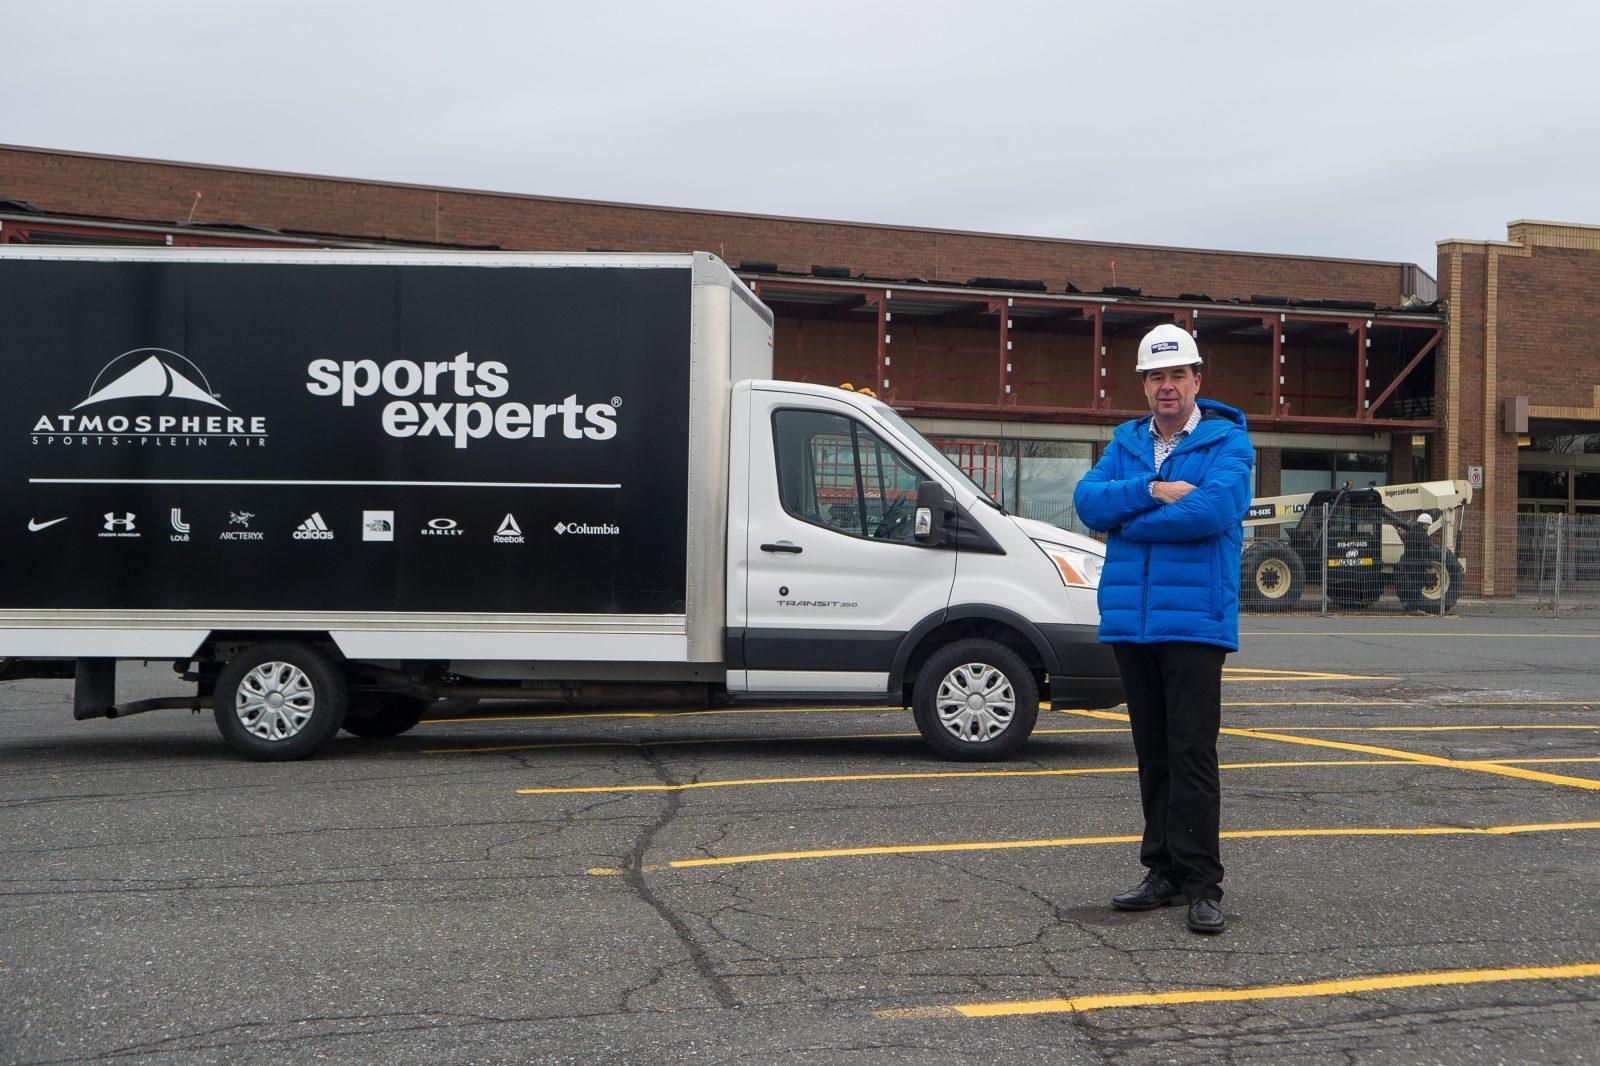 Sports Experts déménage dans l'ancien Metro